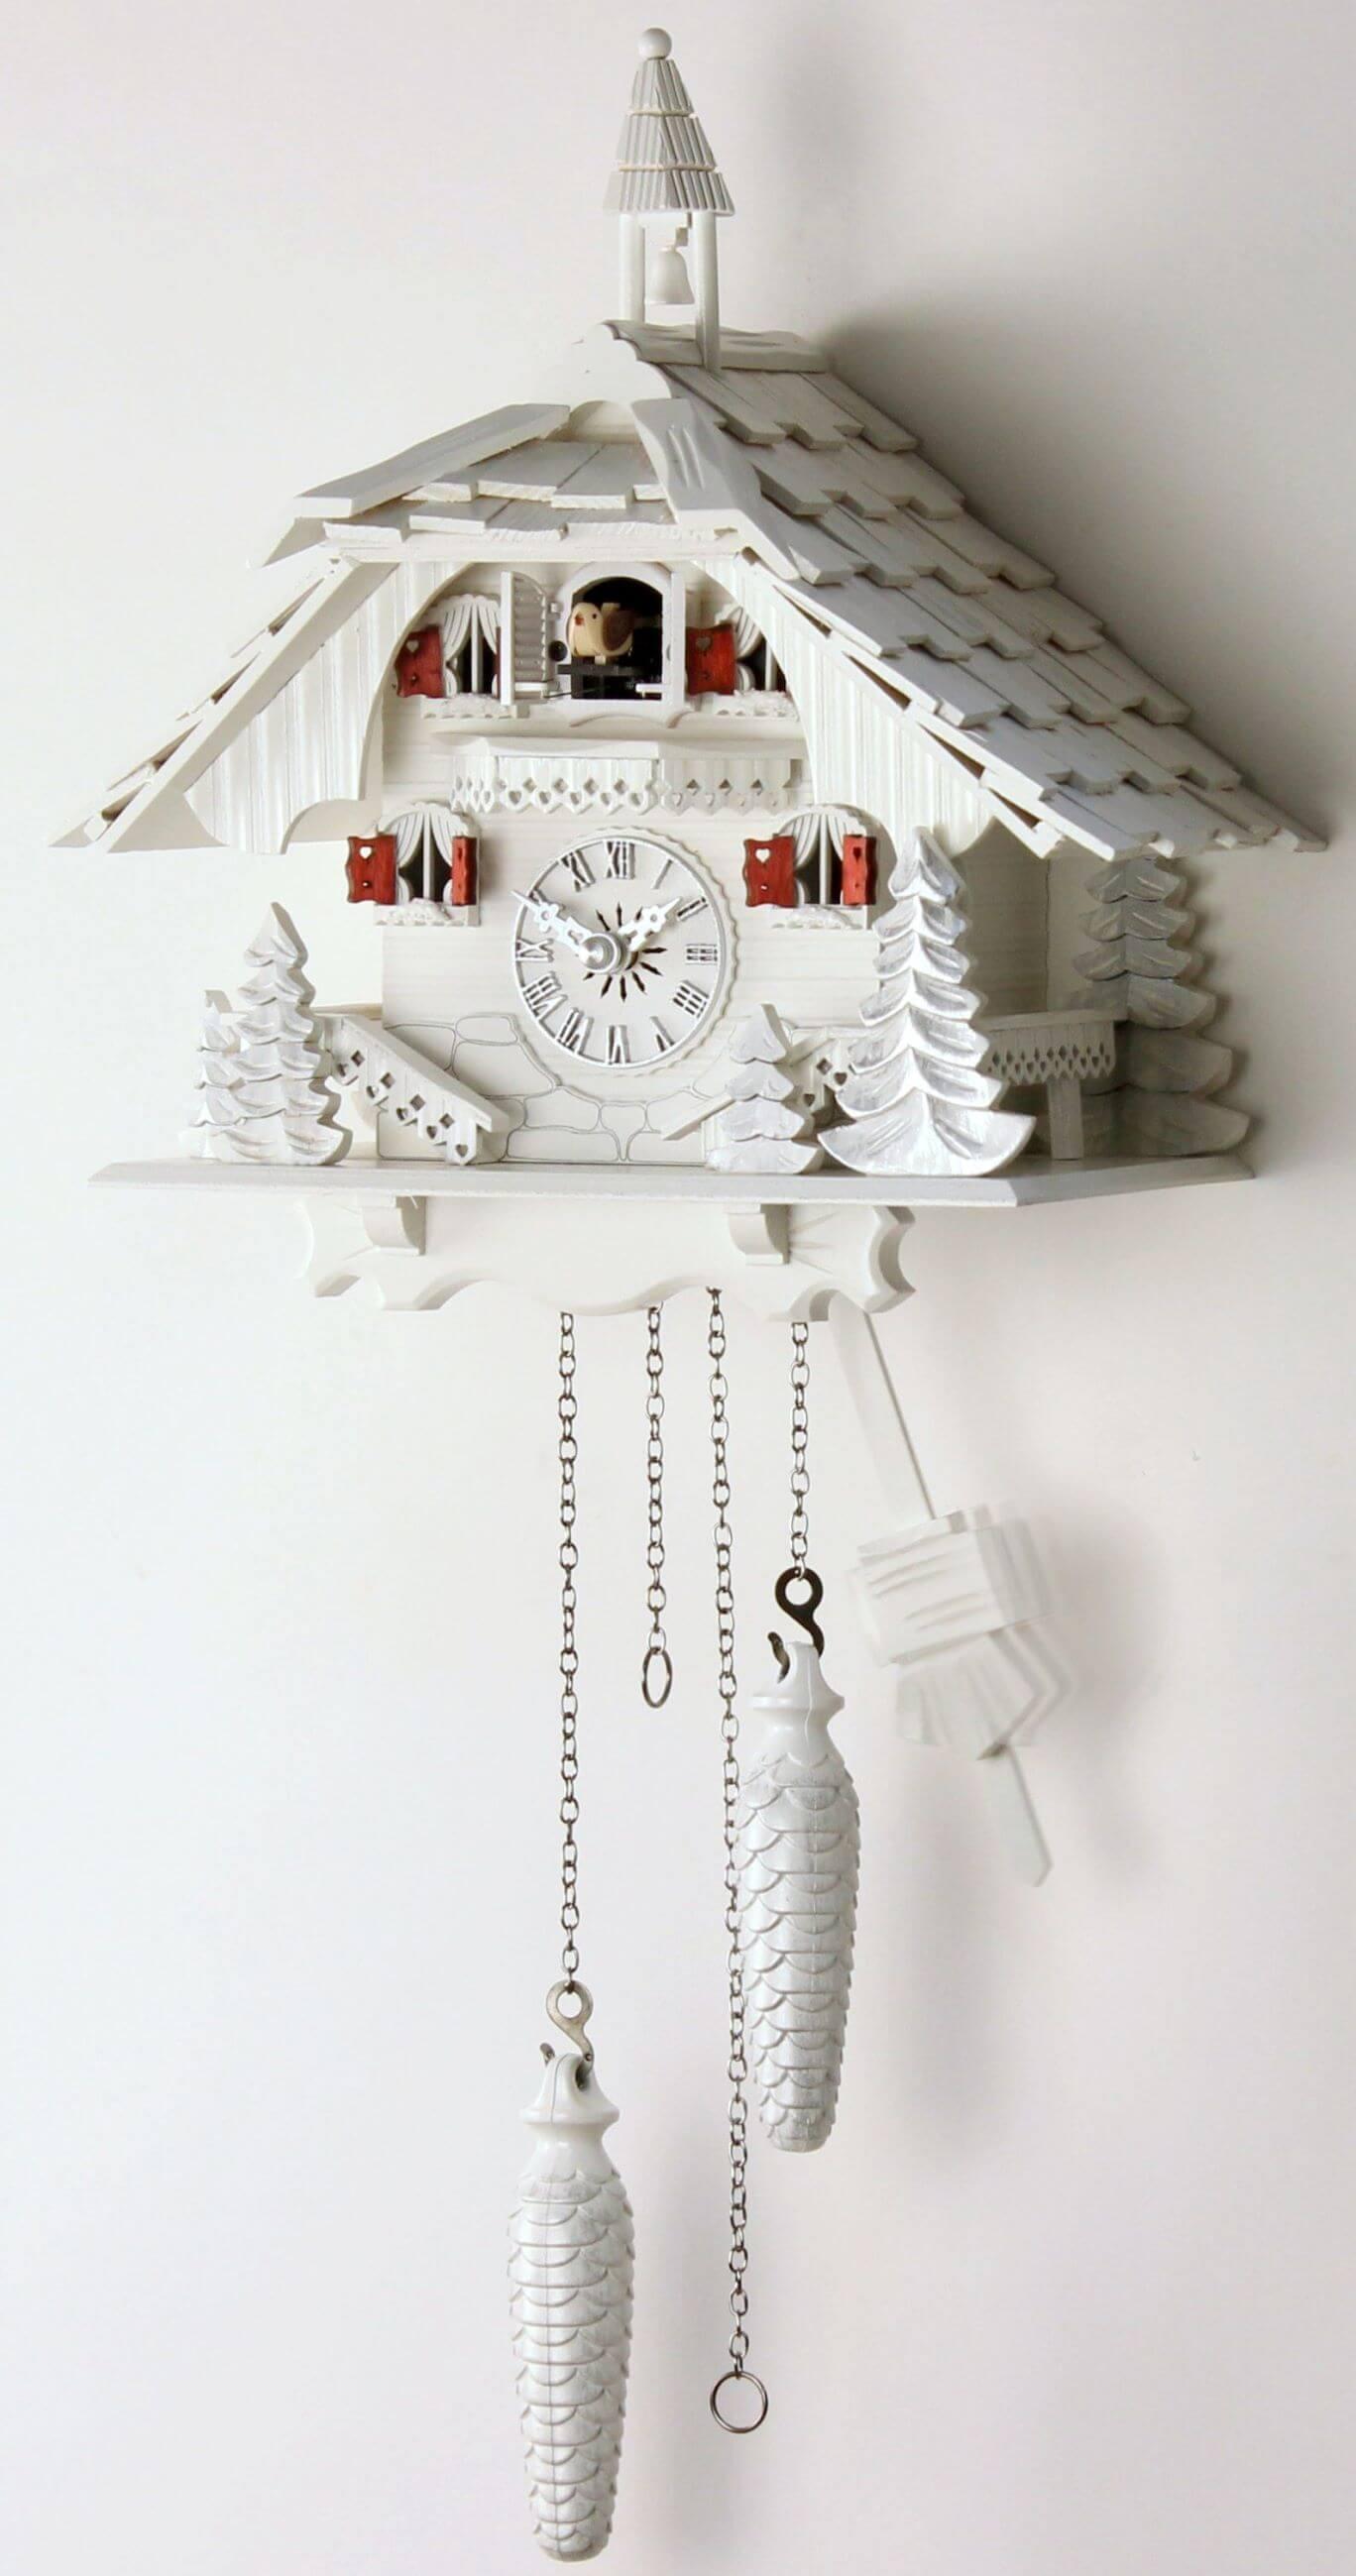 schwarzwaldhaus wei 30cm kuckucksuhr kuckuckuhr echtholz neu ebay. Black Bedroom Furniture Sets. Home Design Ideas